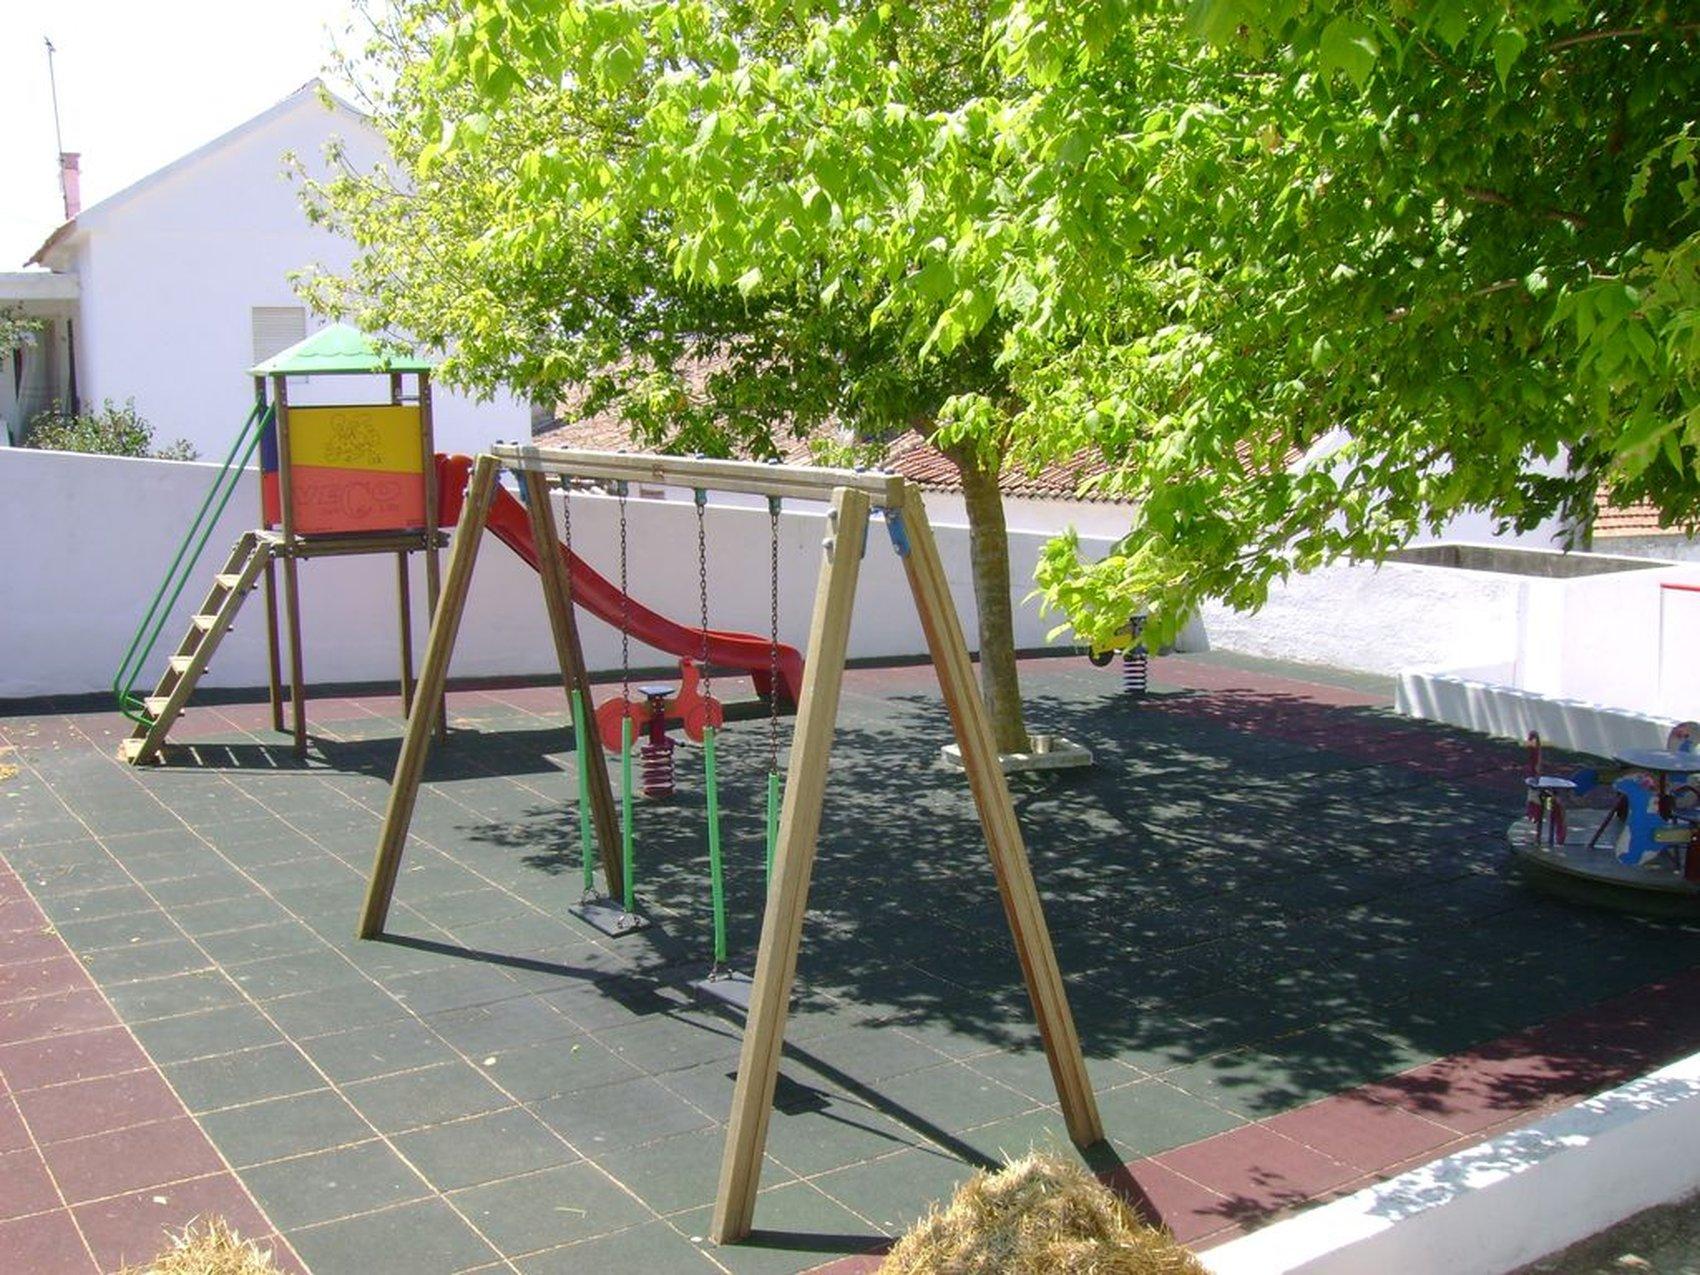 parque infantil fetais